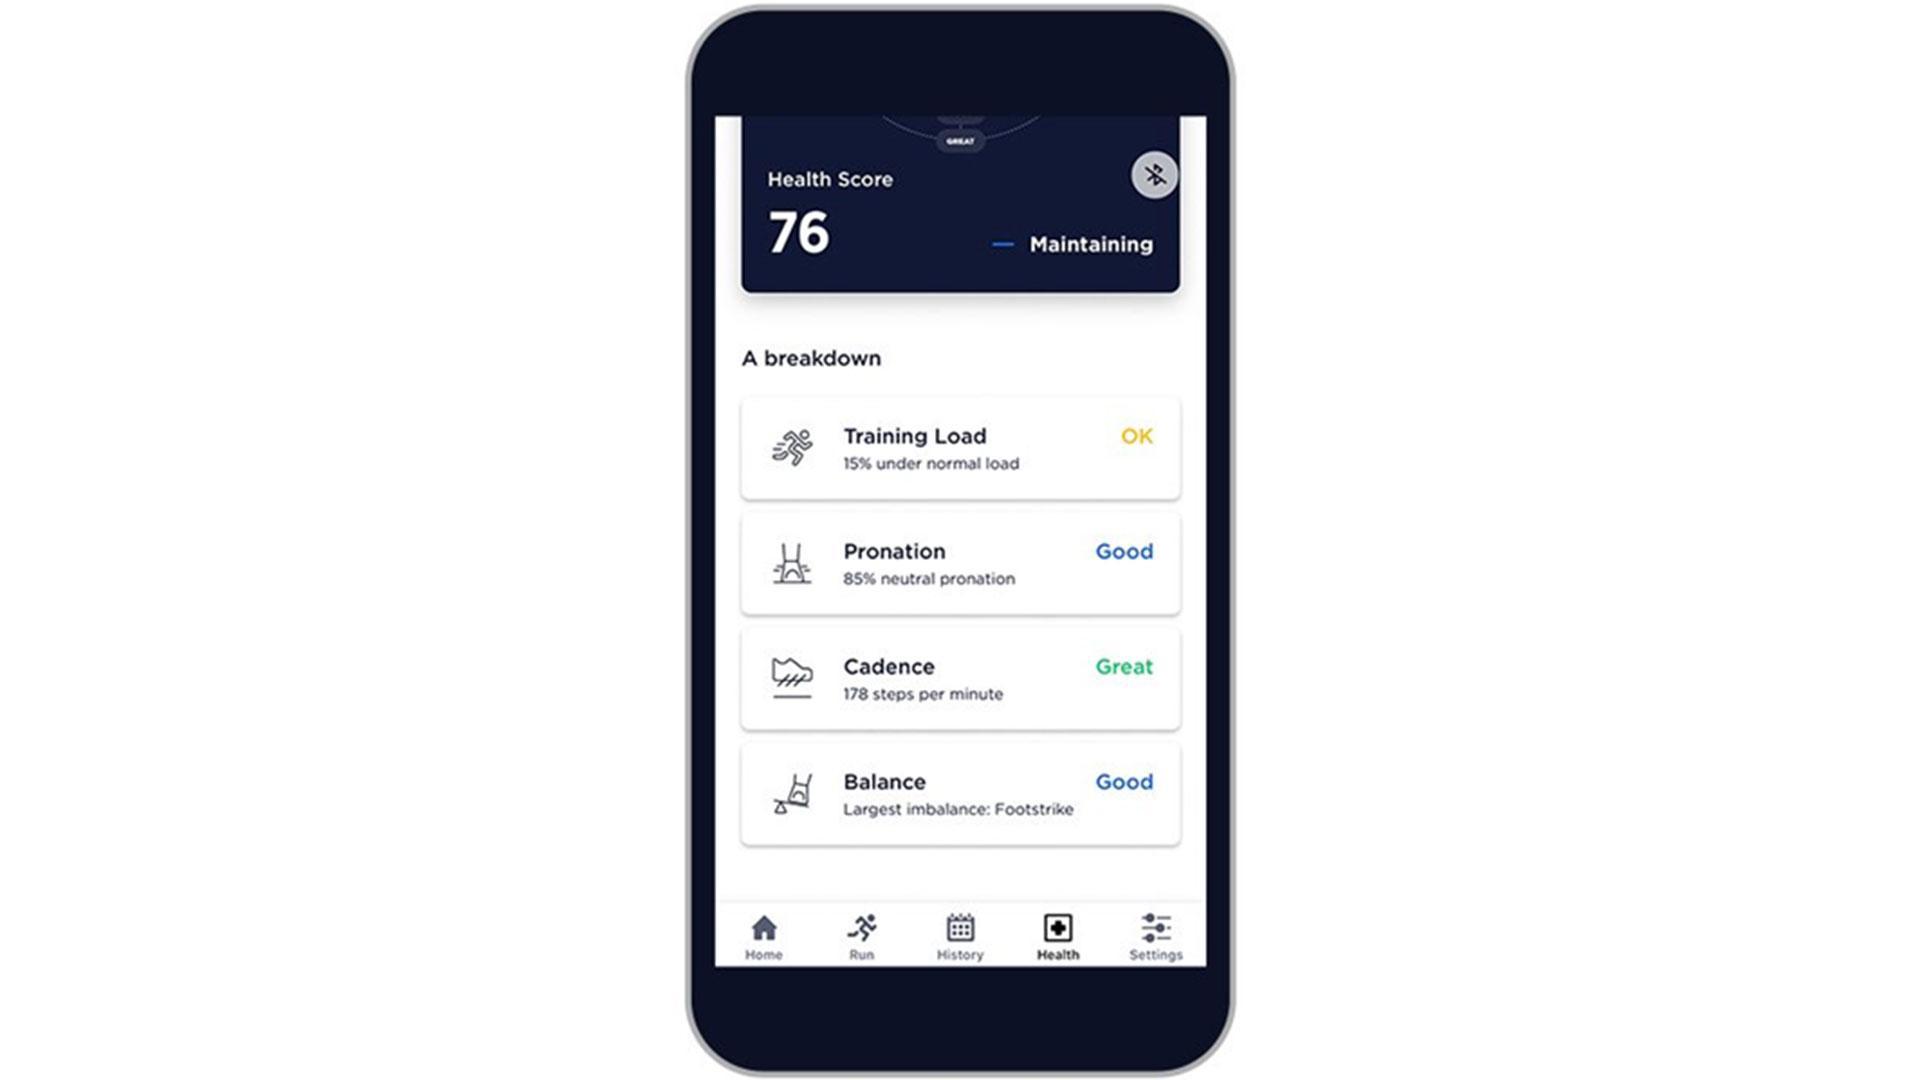 Running health app